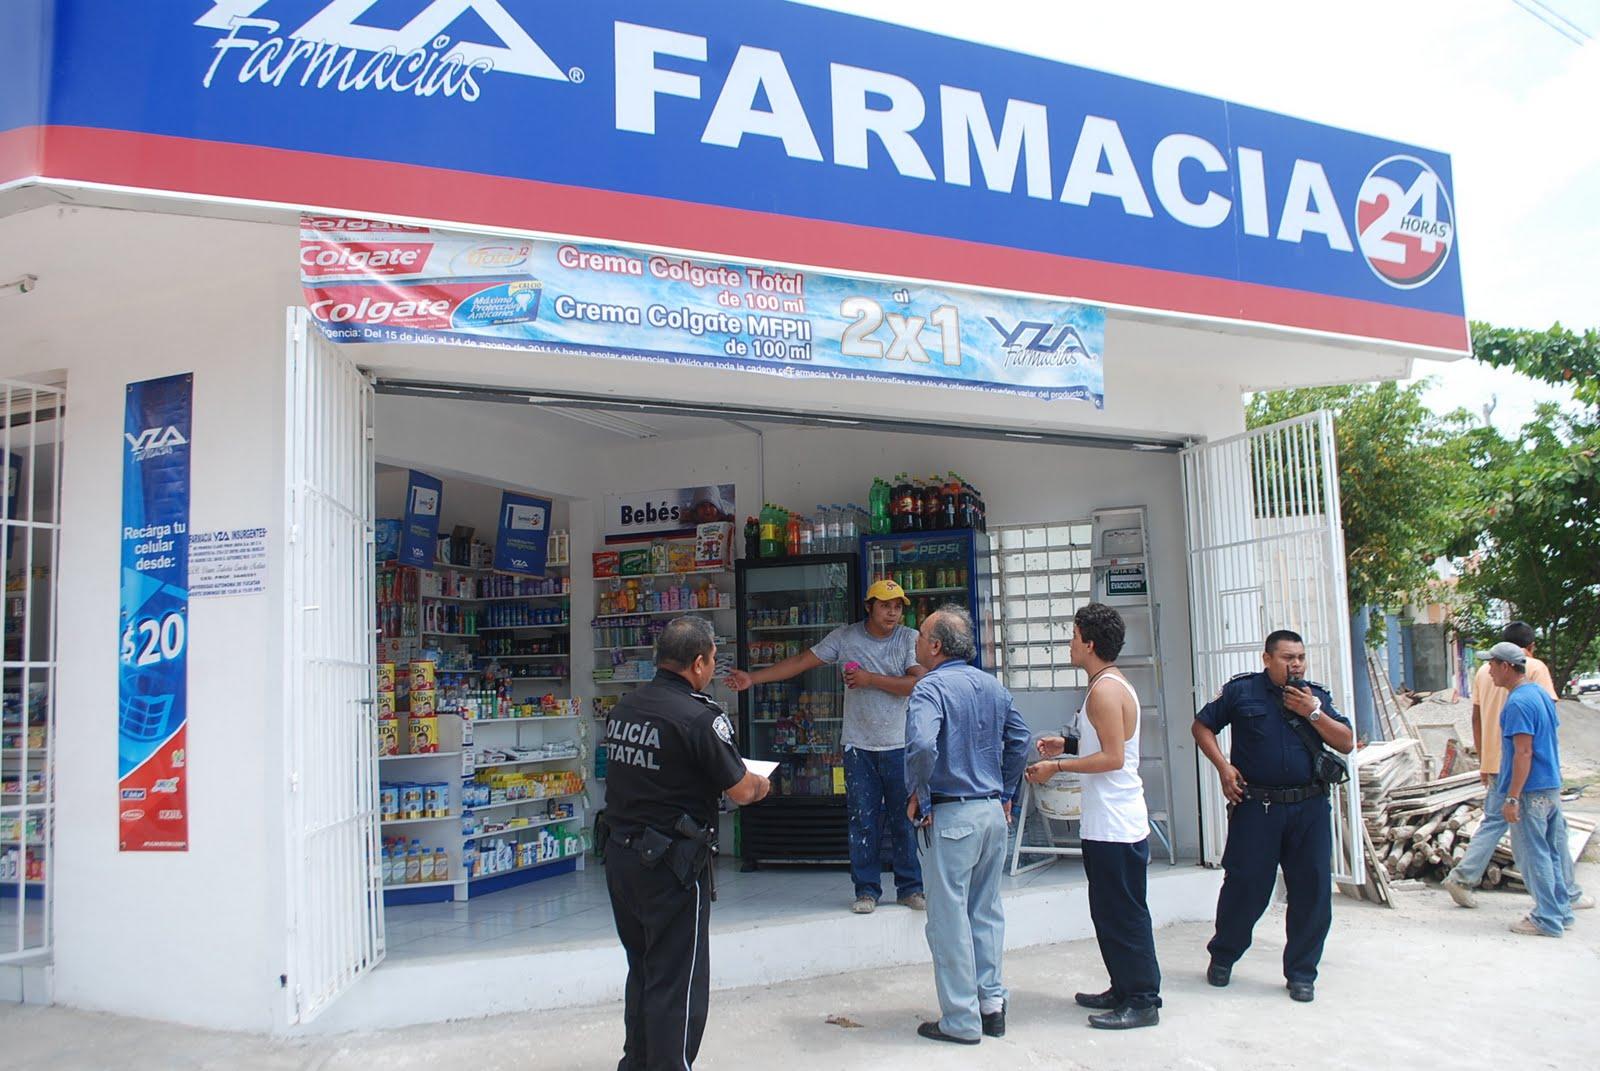 Yza farmacia